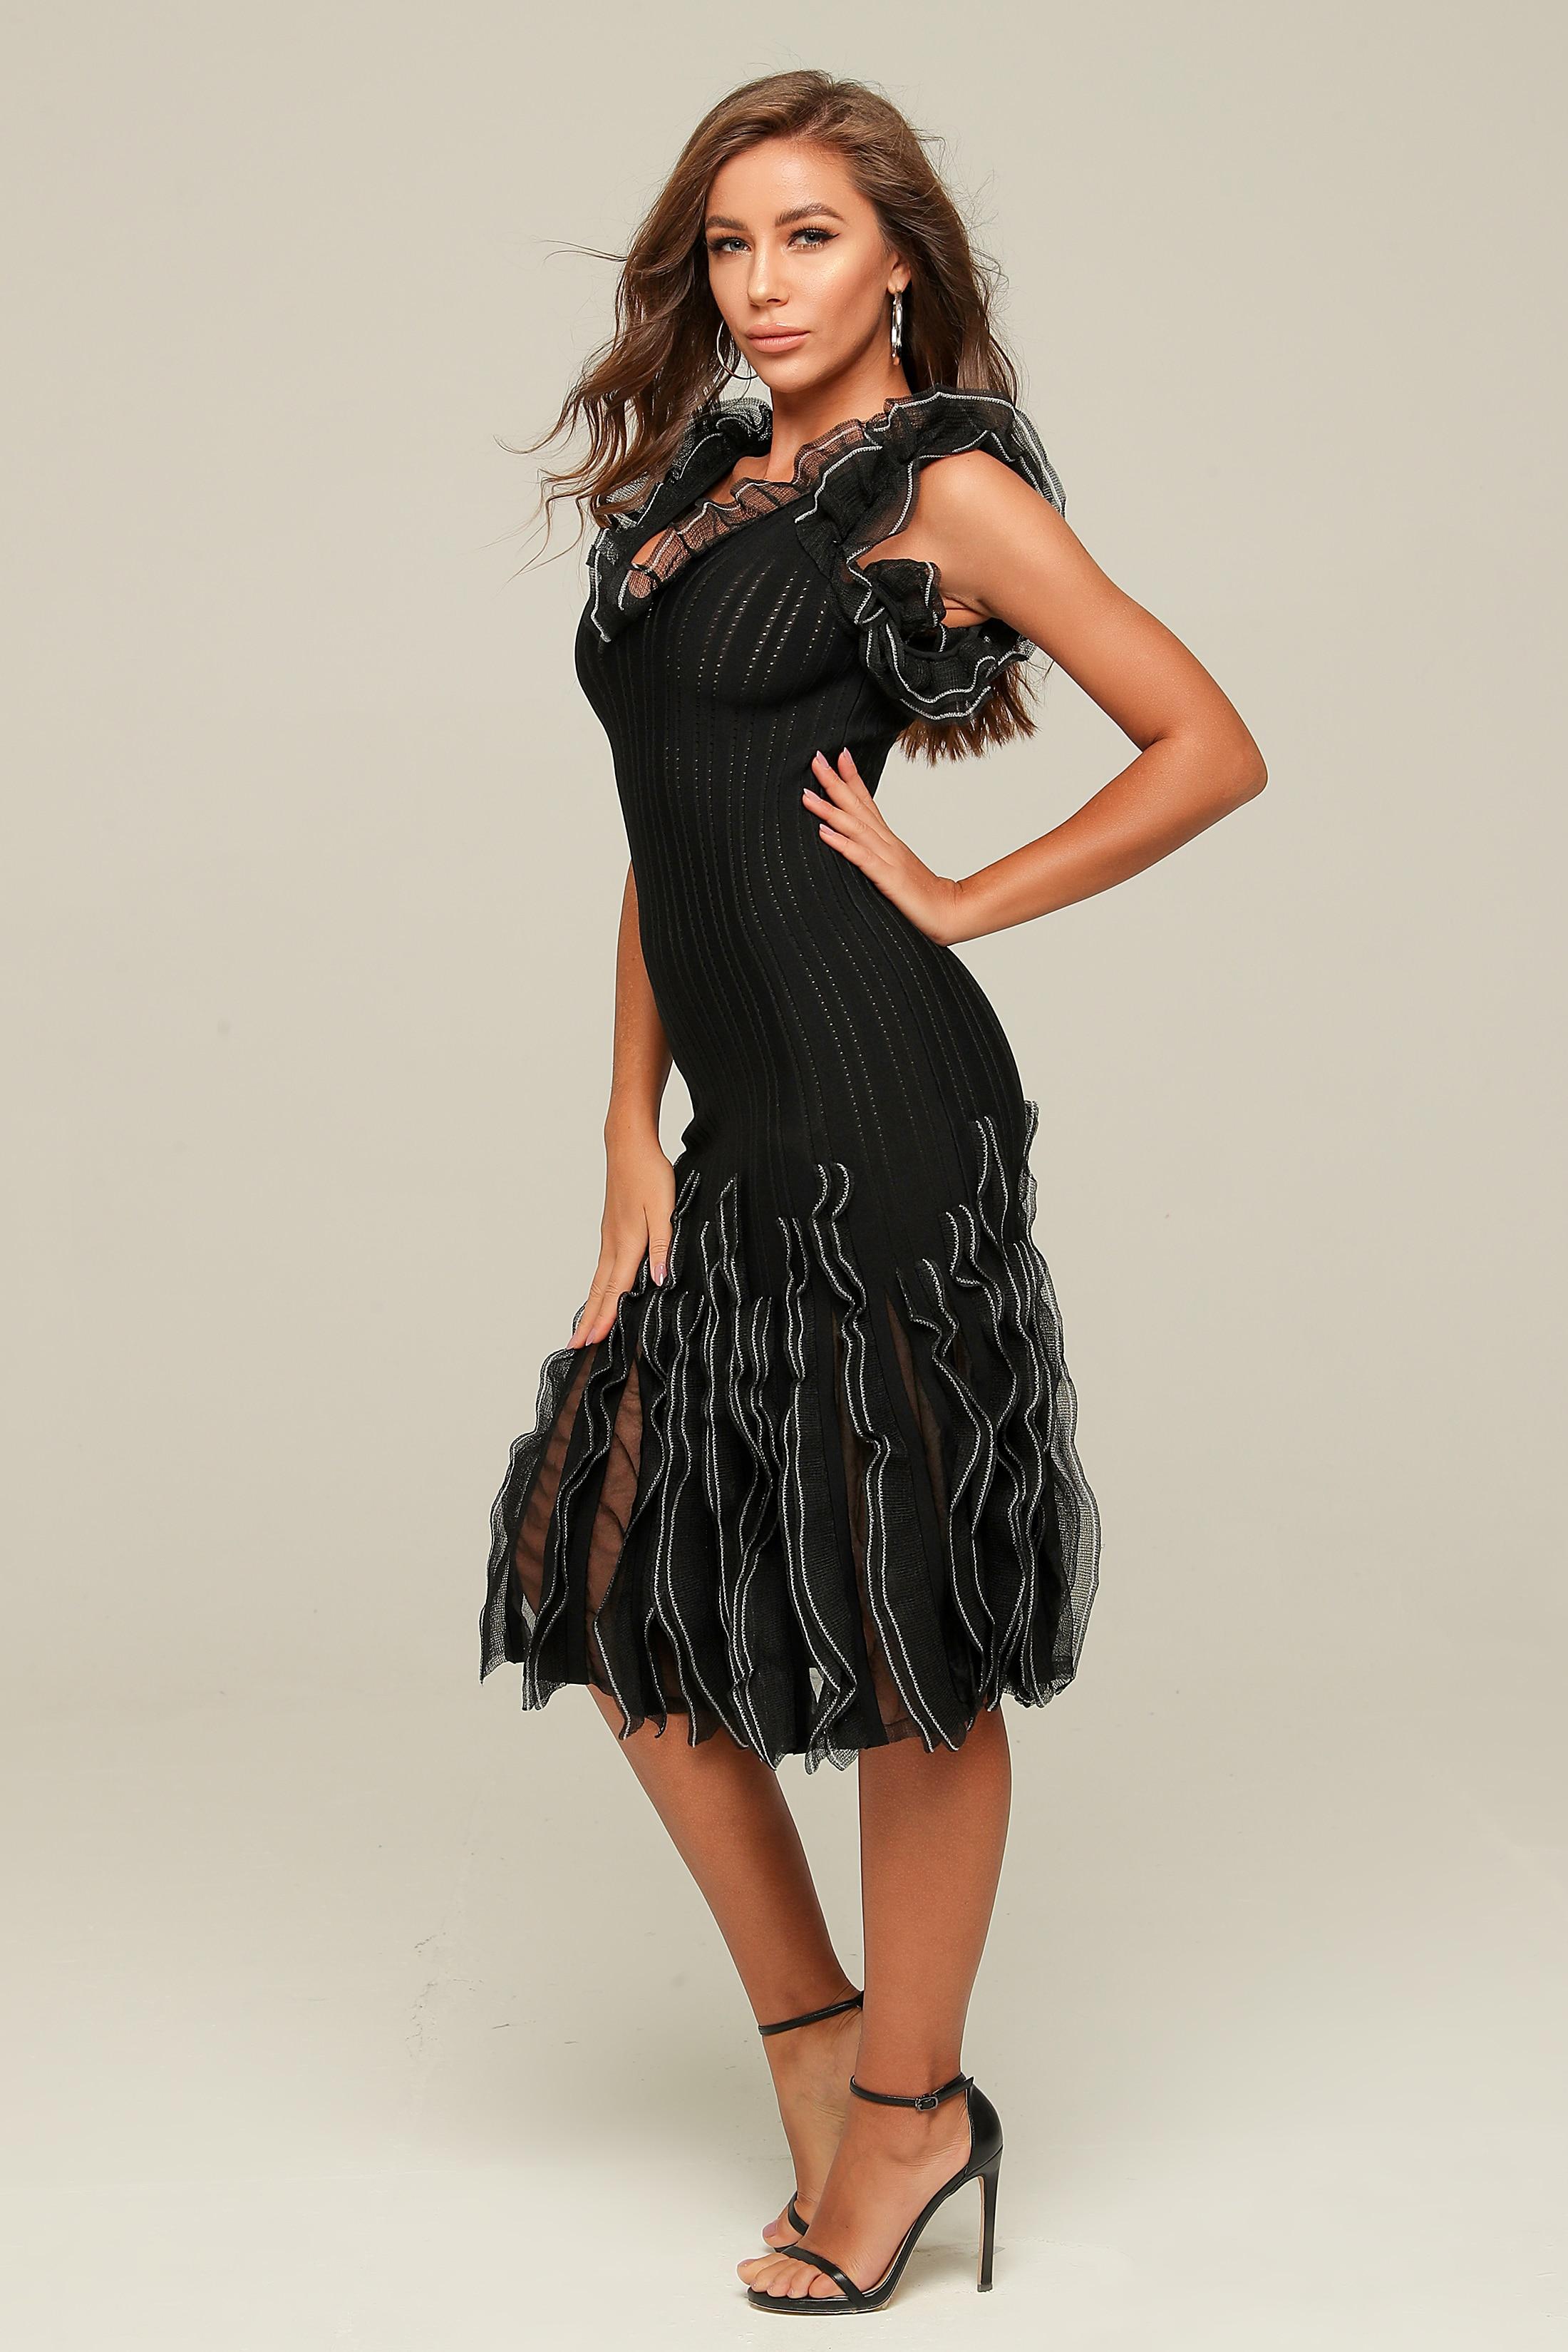 Сексуальное платье на Рождество, праздник, черное элегантное модное платье на свадьбу, банкет, вечерние платья знаменитостей - 5